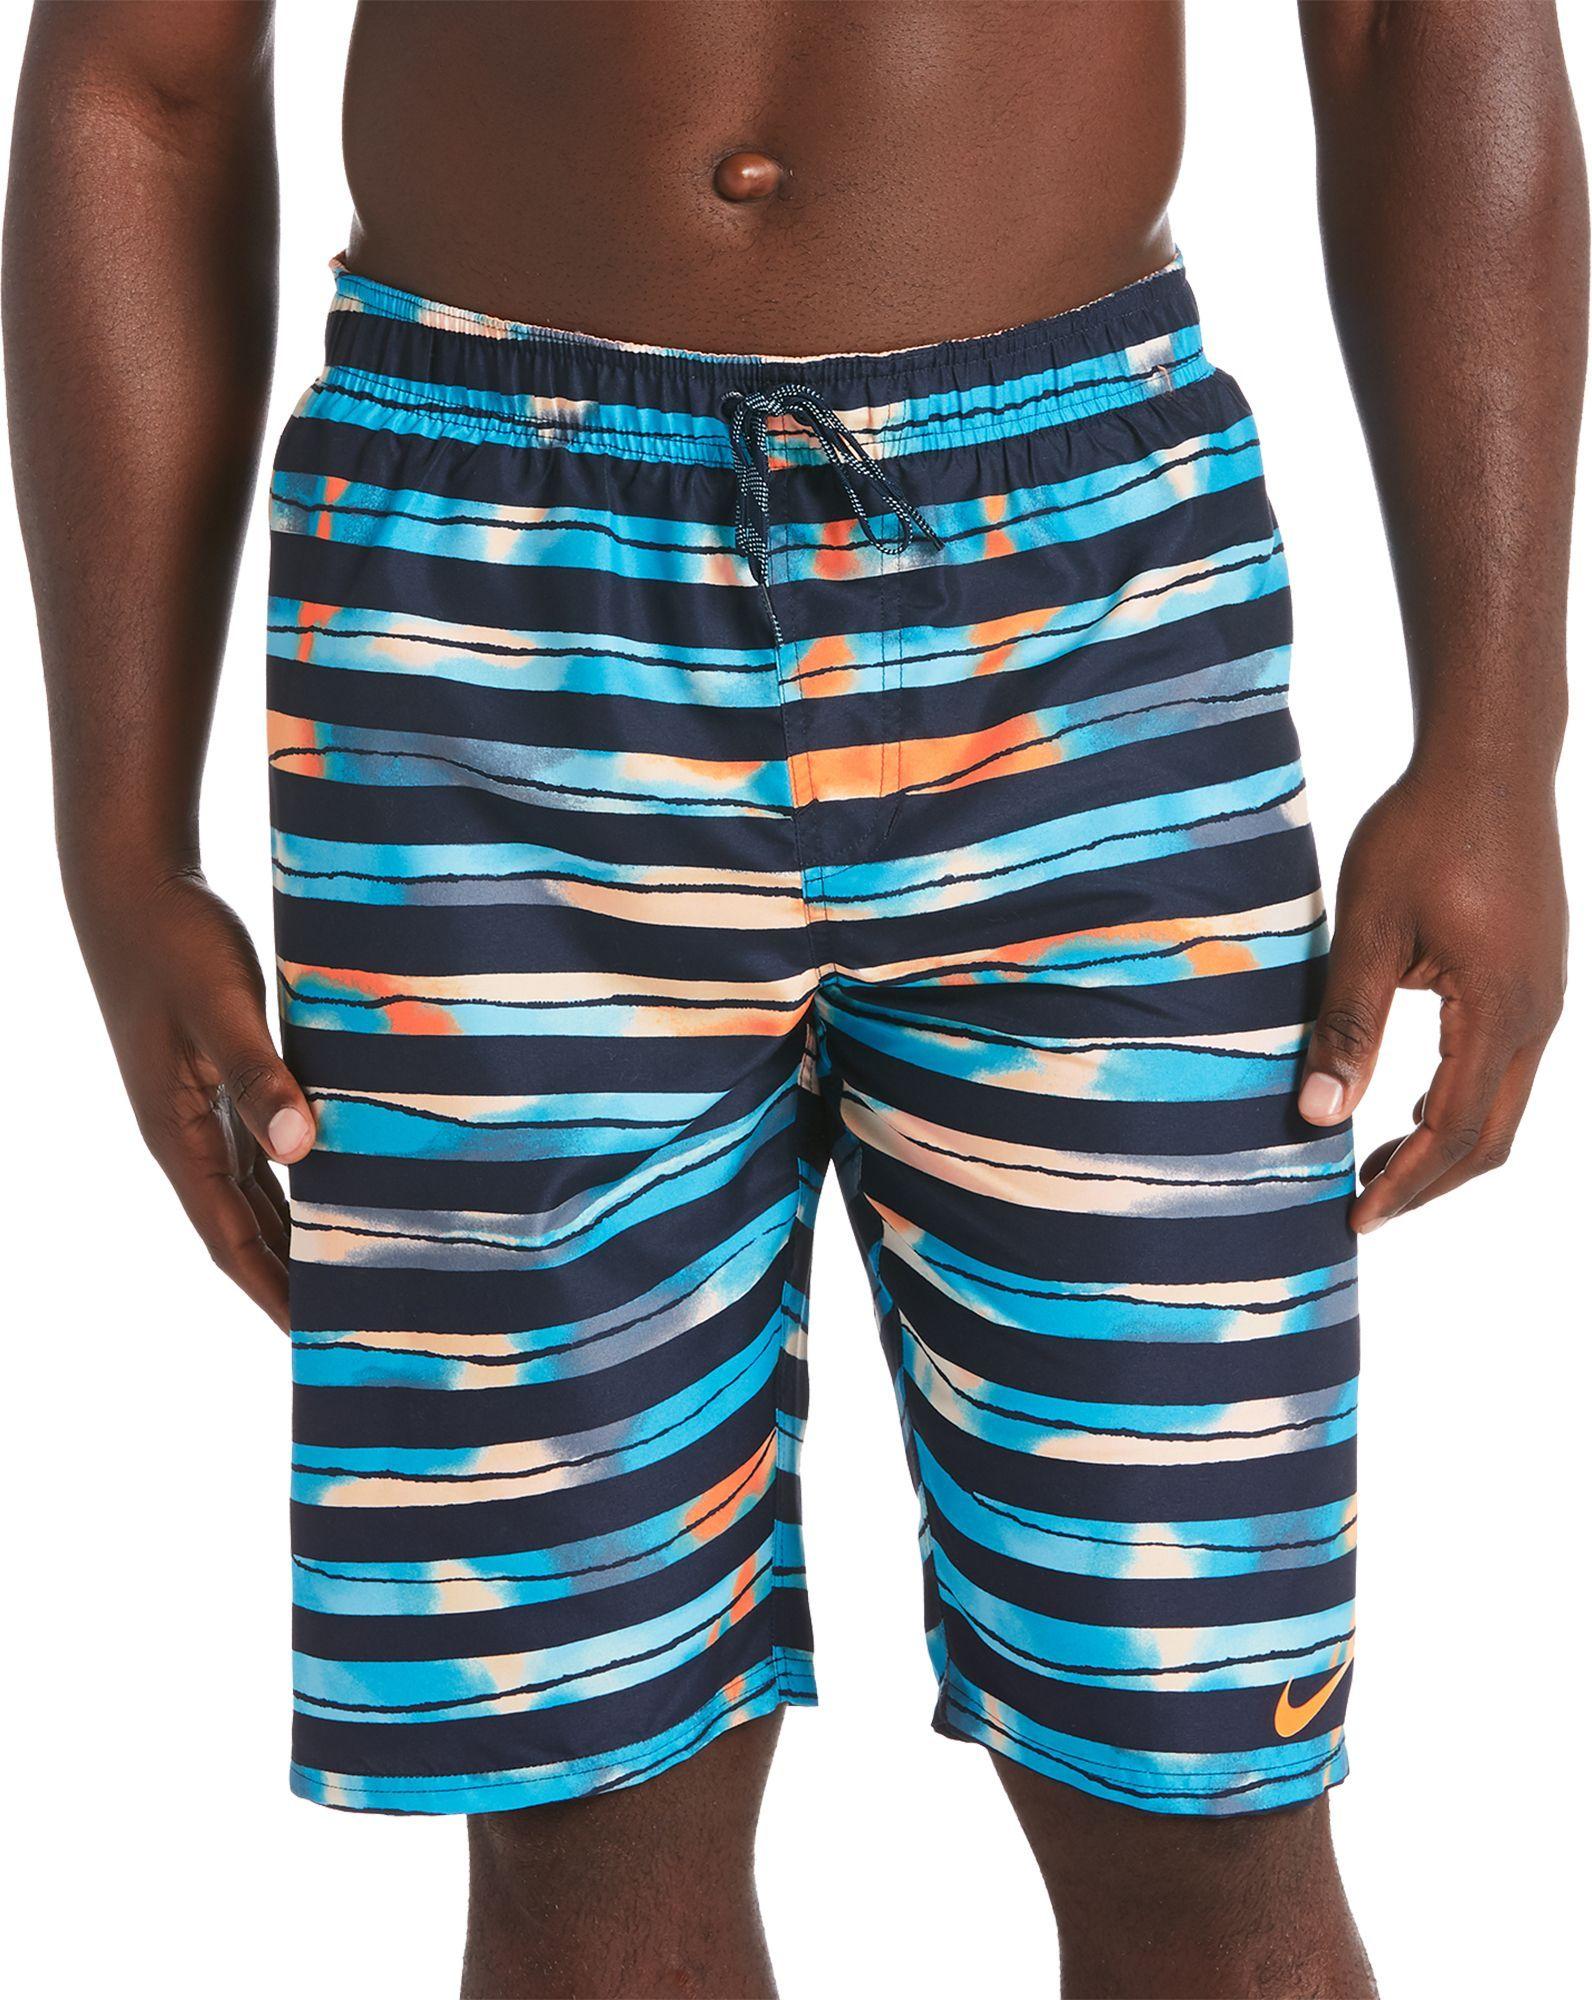 d63b1292c32f8 Nike Men's Block Striped Breaker 11